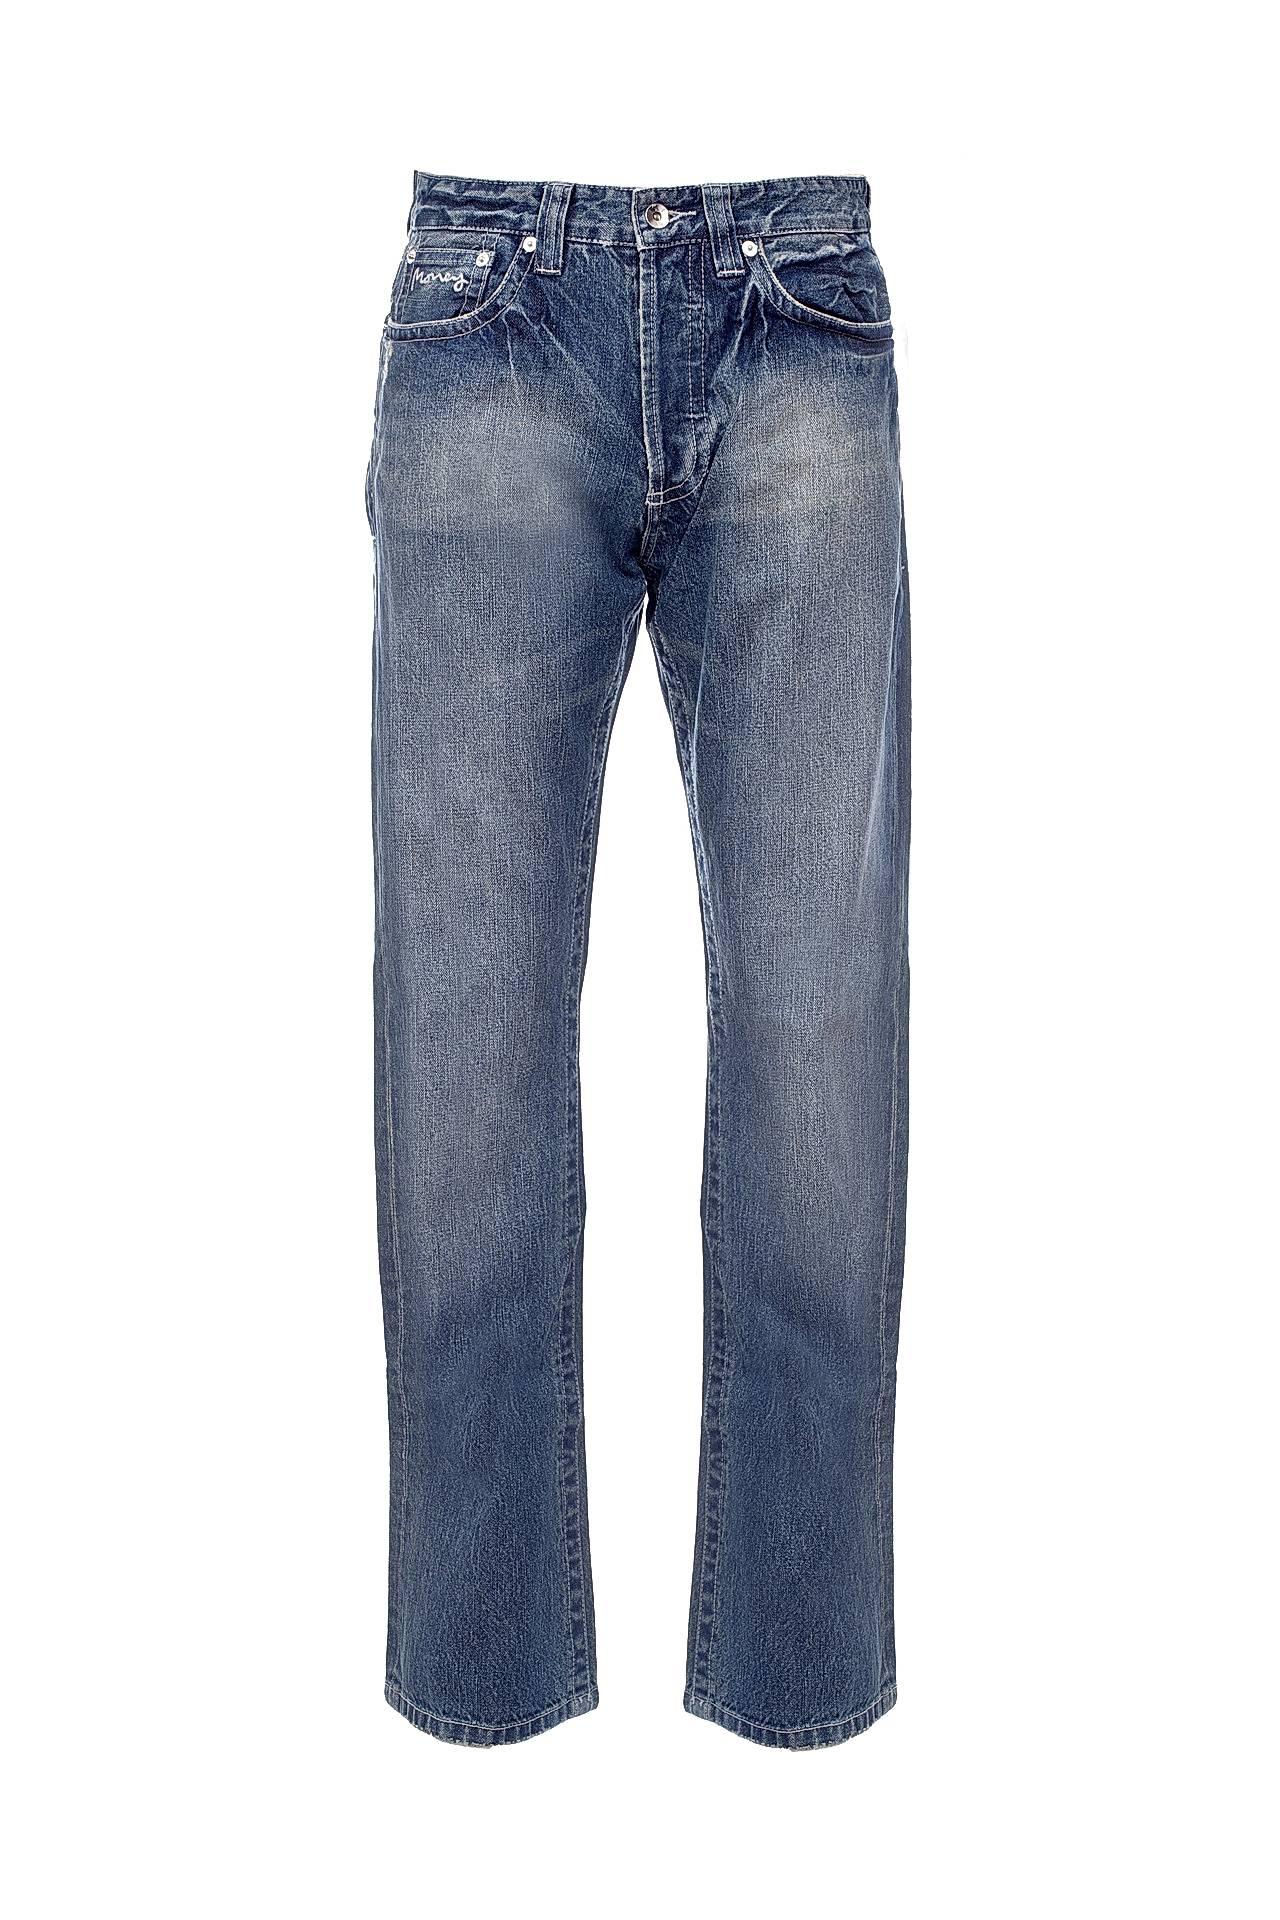 Джинсы MONEY yu zhaolin джинсы мужская мода дикие мужские мягкие и простые случайные ковбойские брюки yzl517k синие и черные 34